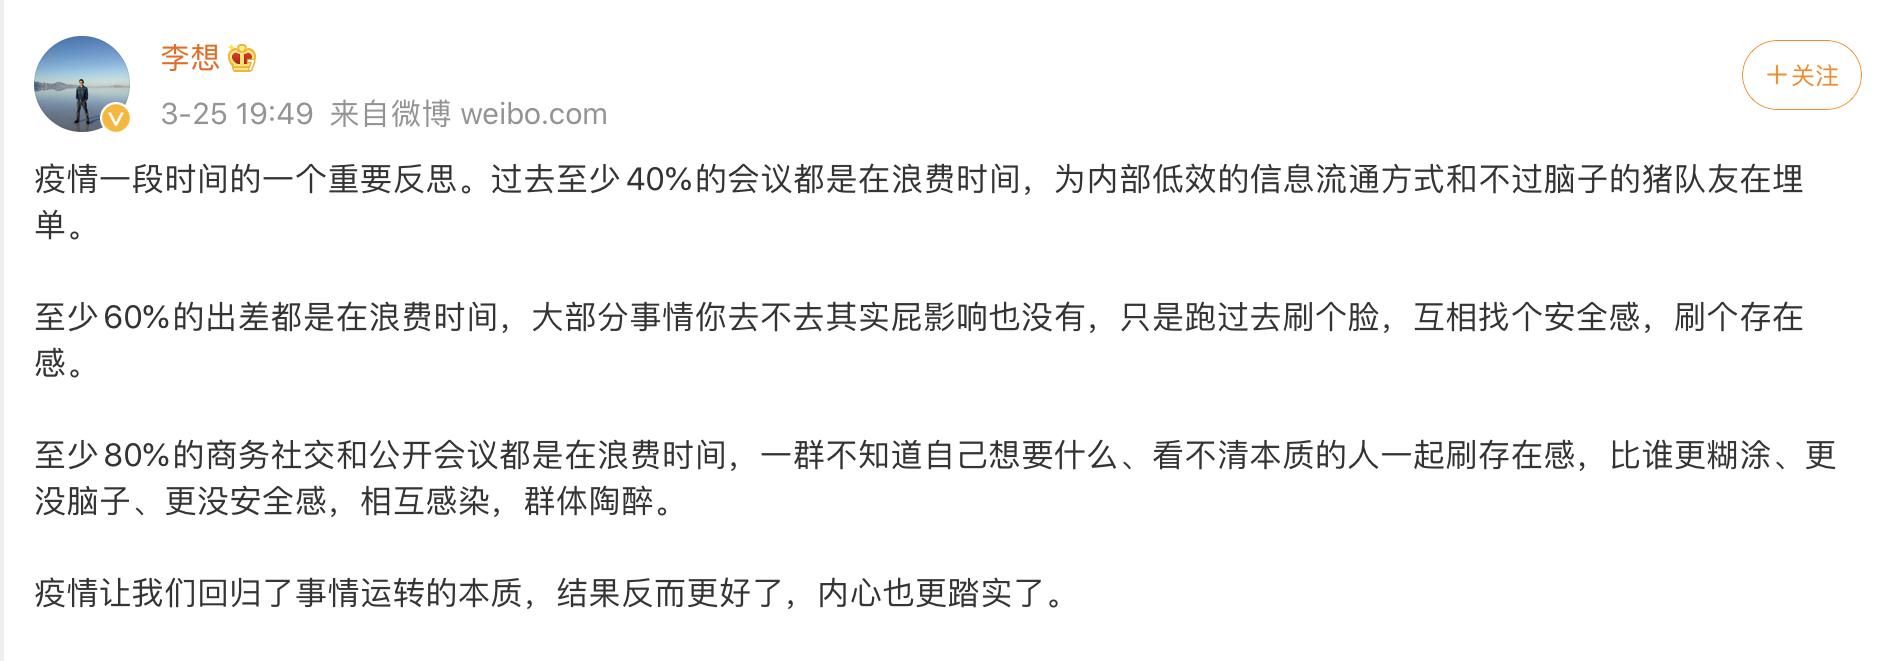 李想:疫情让我们回归事情运转本质 更高效了